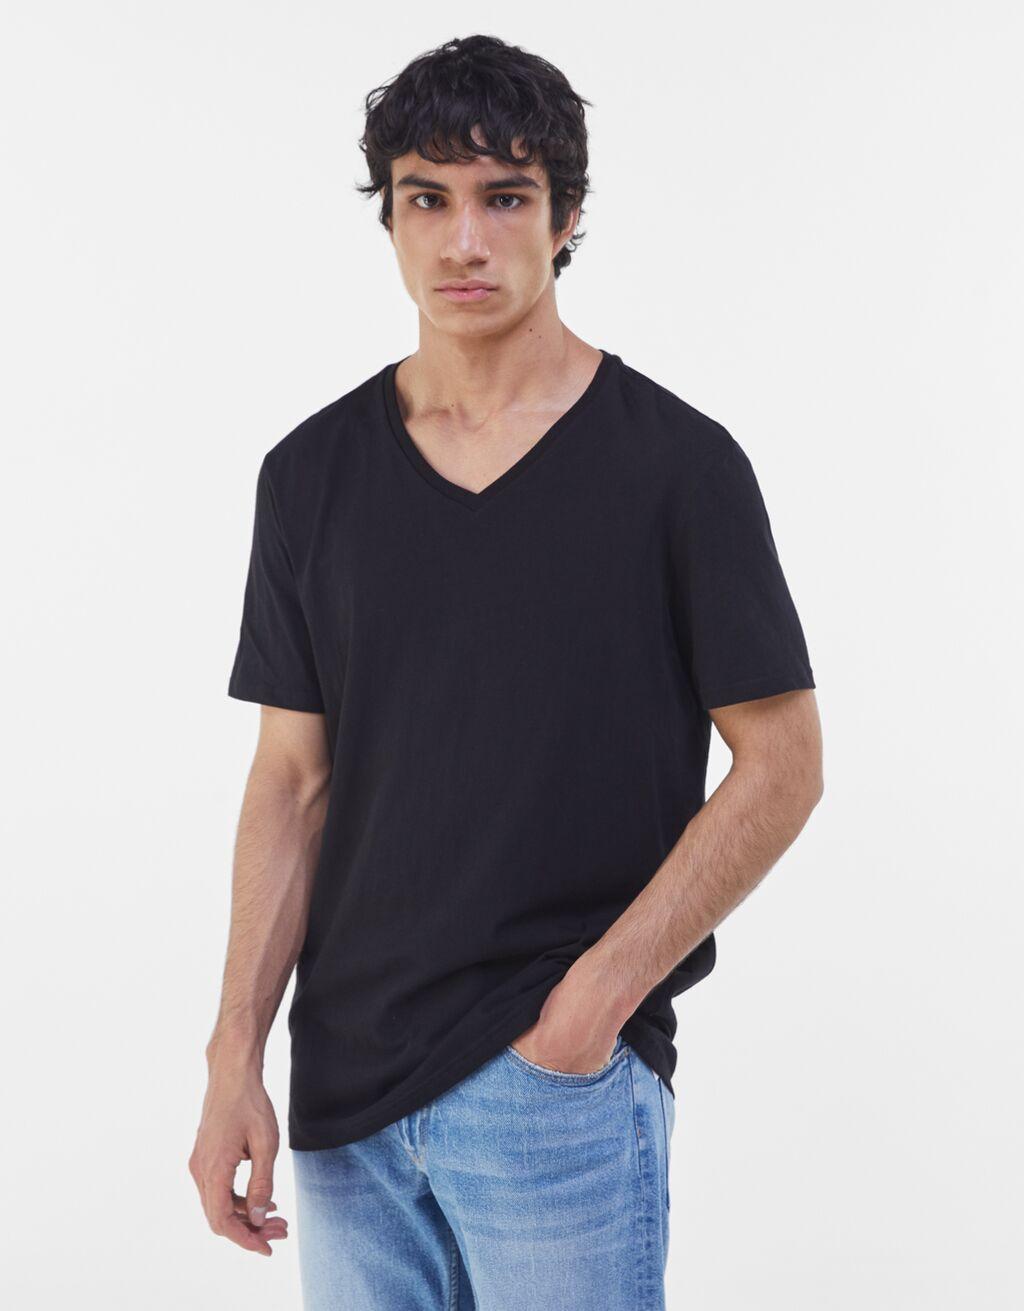 Catálogo Bershka hombre Verano 2021   Camisetas